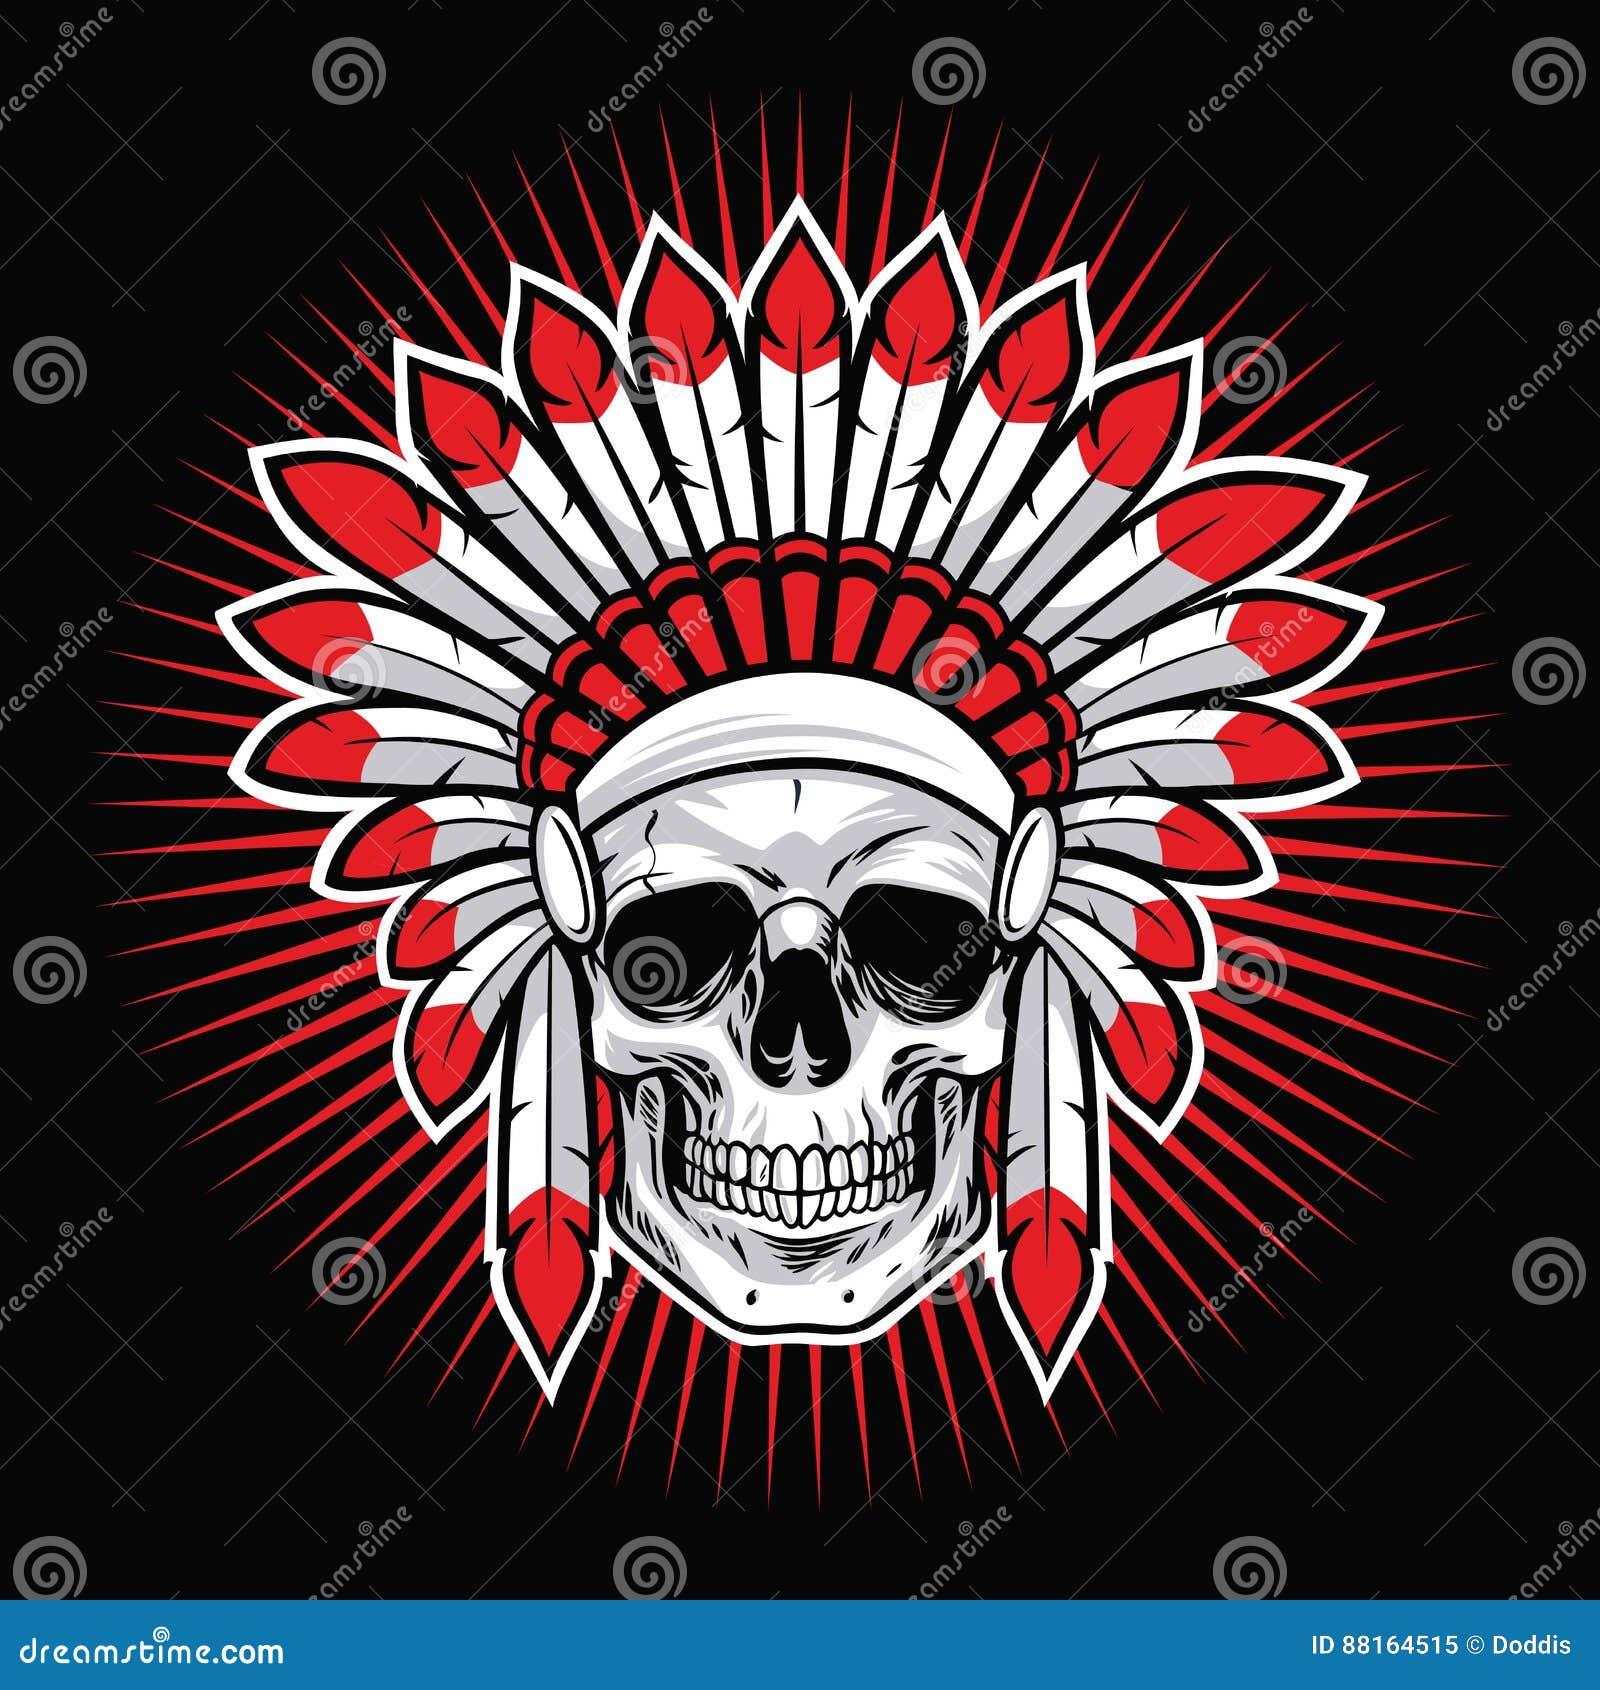 Skull Of Indian Native American Warrior Vector Stock Vector